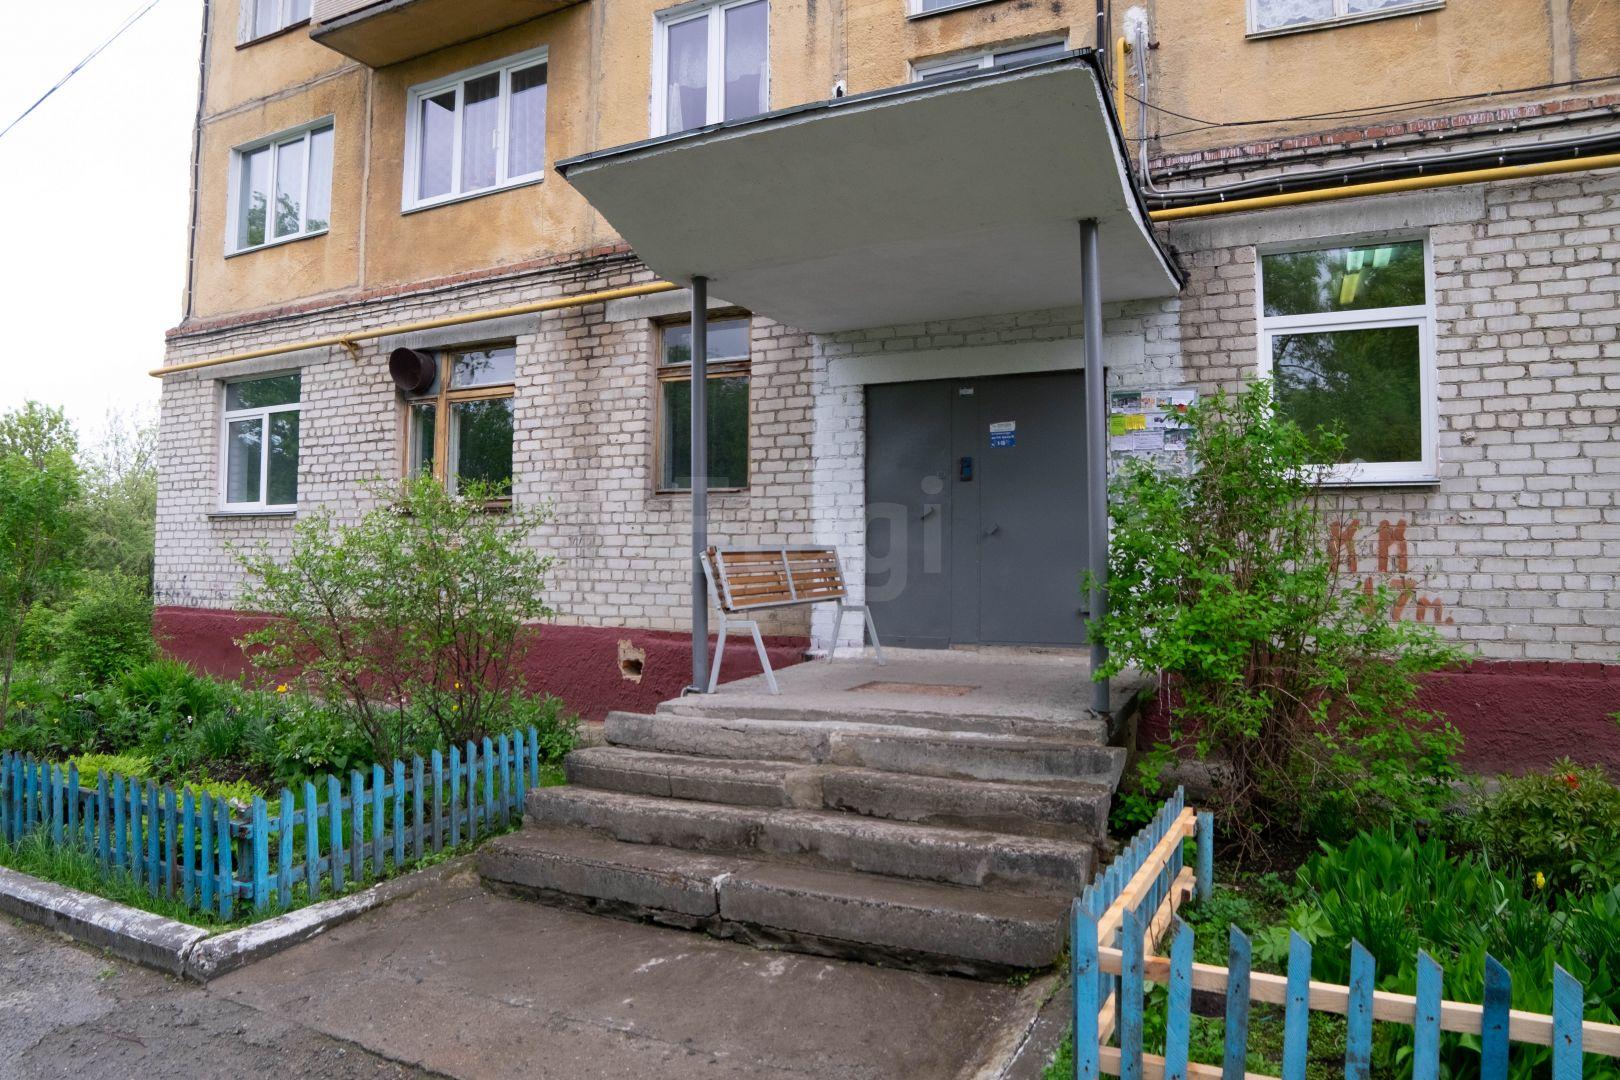 Продается трехкомнатная квартира за 2 500 000 рублей. Гагарина Ю.А. пр-т, ул. 4-я линия пр-та им. Ю.А. Гагарина, д. 11а (569 км до центра).